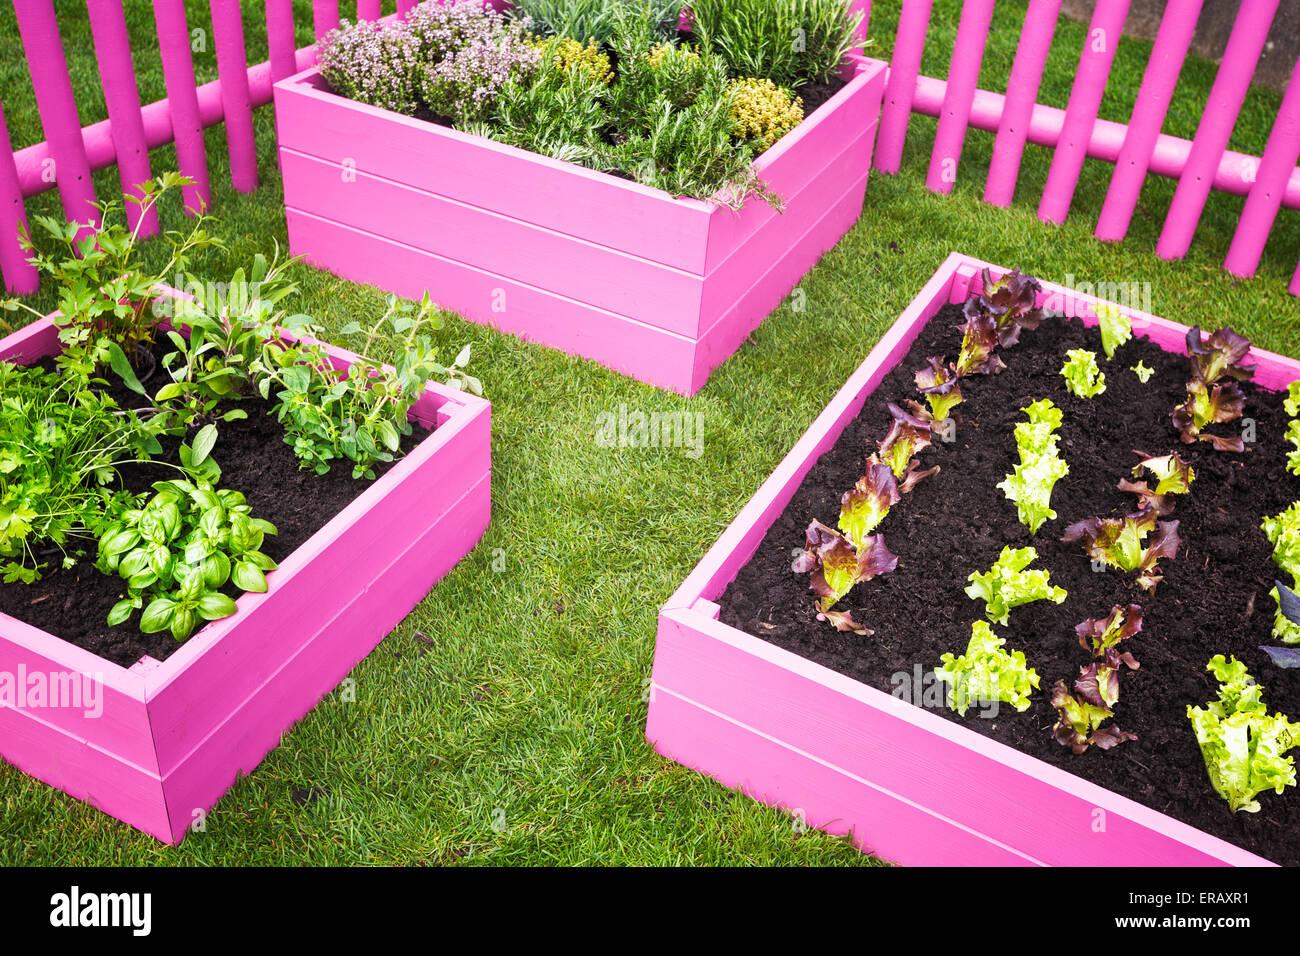 Stadtischen Krautergarten Rosa Hochbeeten Mit Krautern Und Gemuse